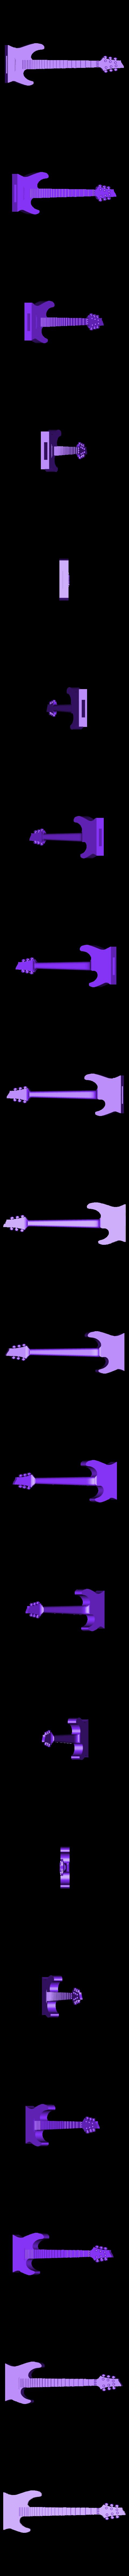 Guitar top.stl Télécharger fichier STL gratuit Boîtier USB 1 • Modèle pour imprimante 3D, Hectdiaf